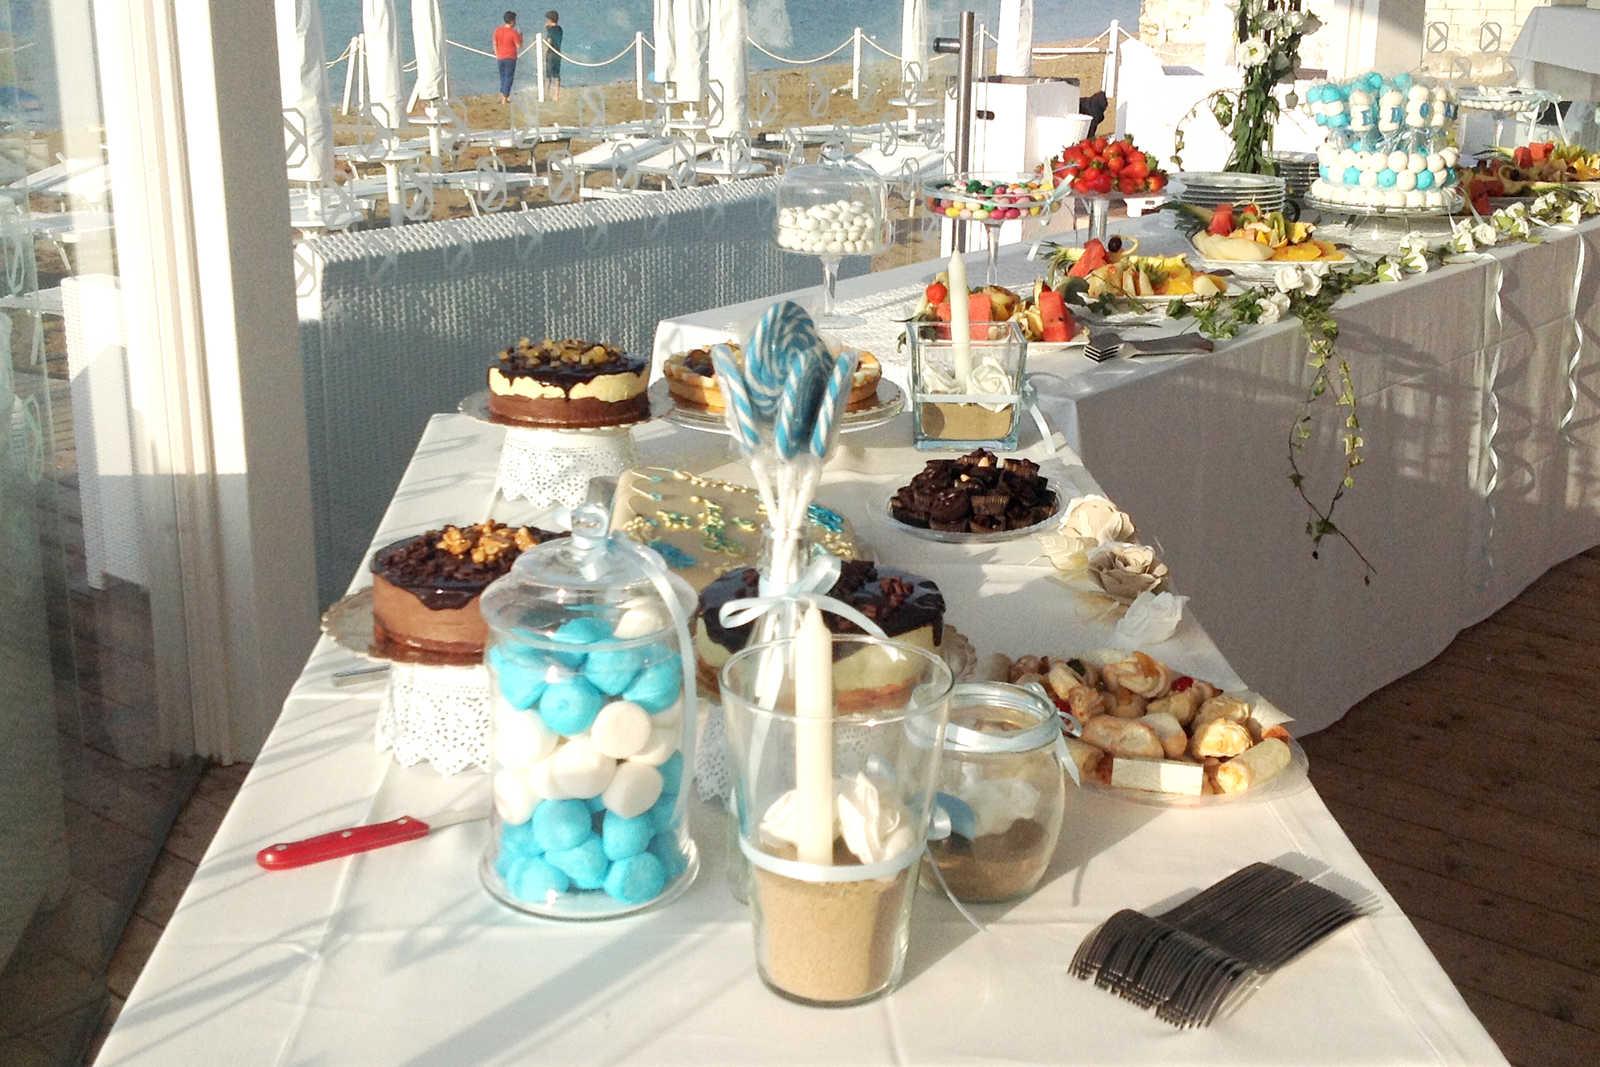 Matrimonio Spiaggia Brindisi : Oktagona beach cerimonie matrimoni sulla spiaggia brindisi